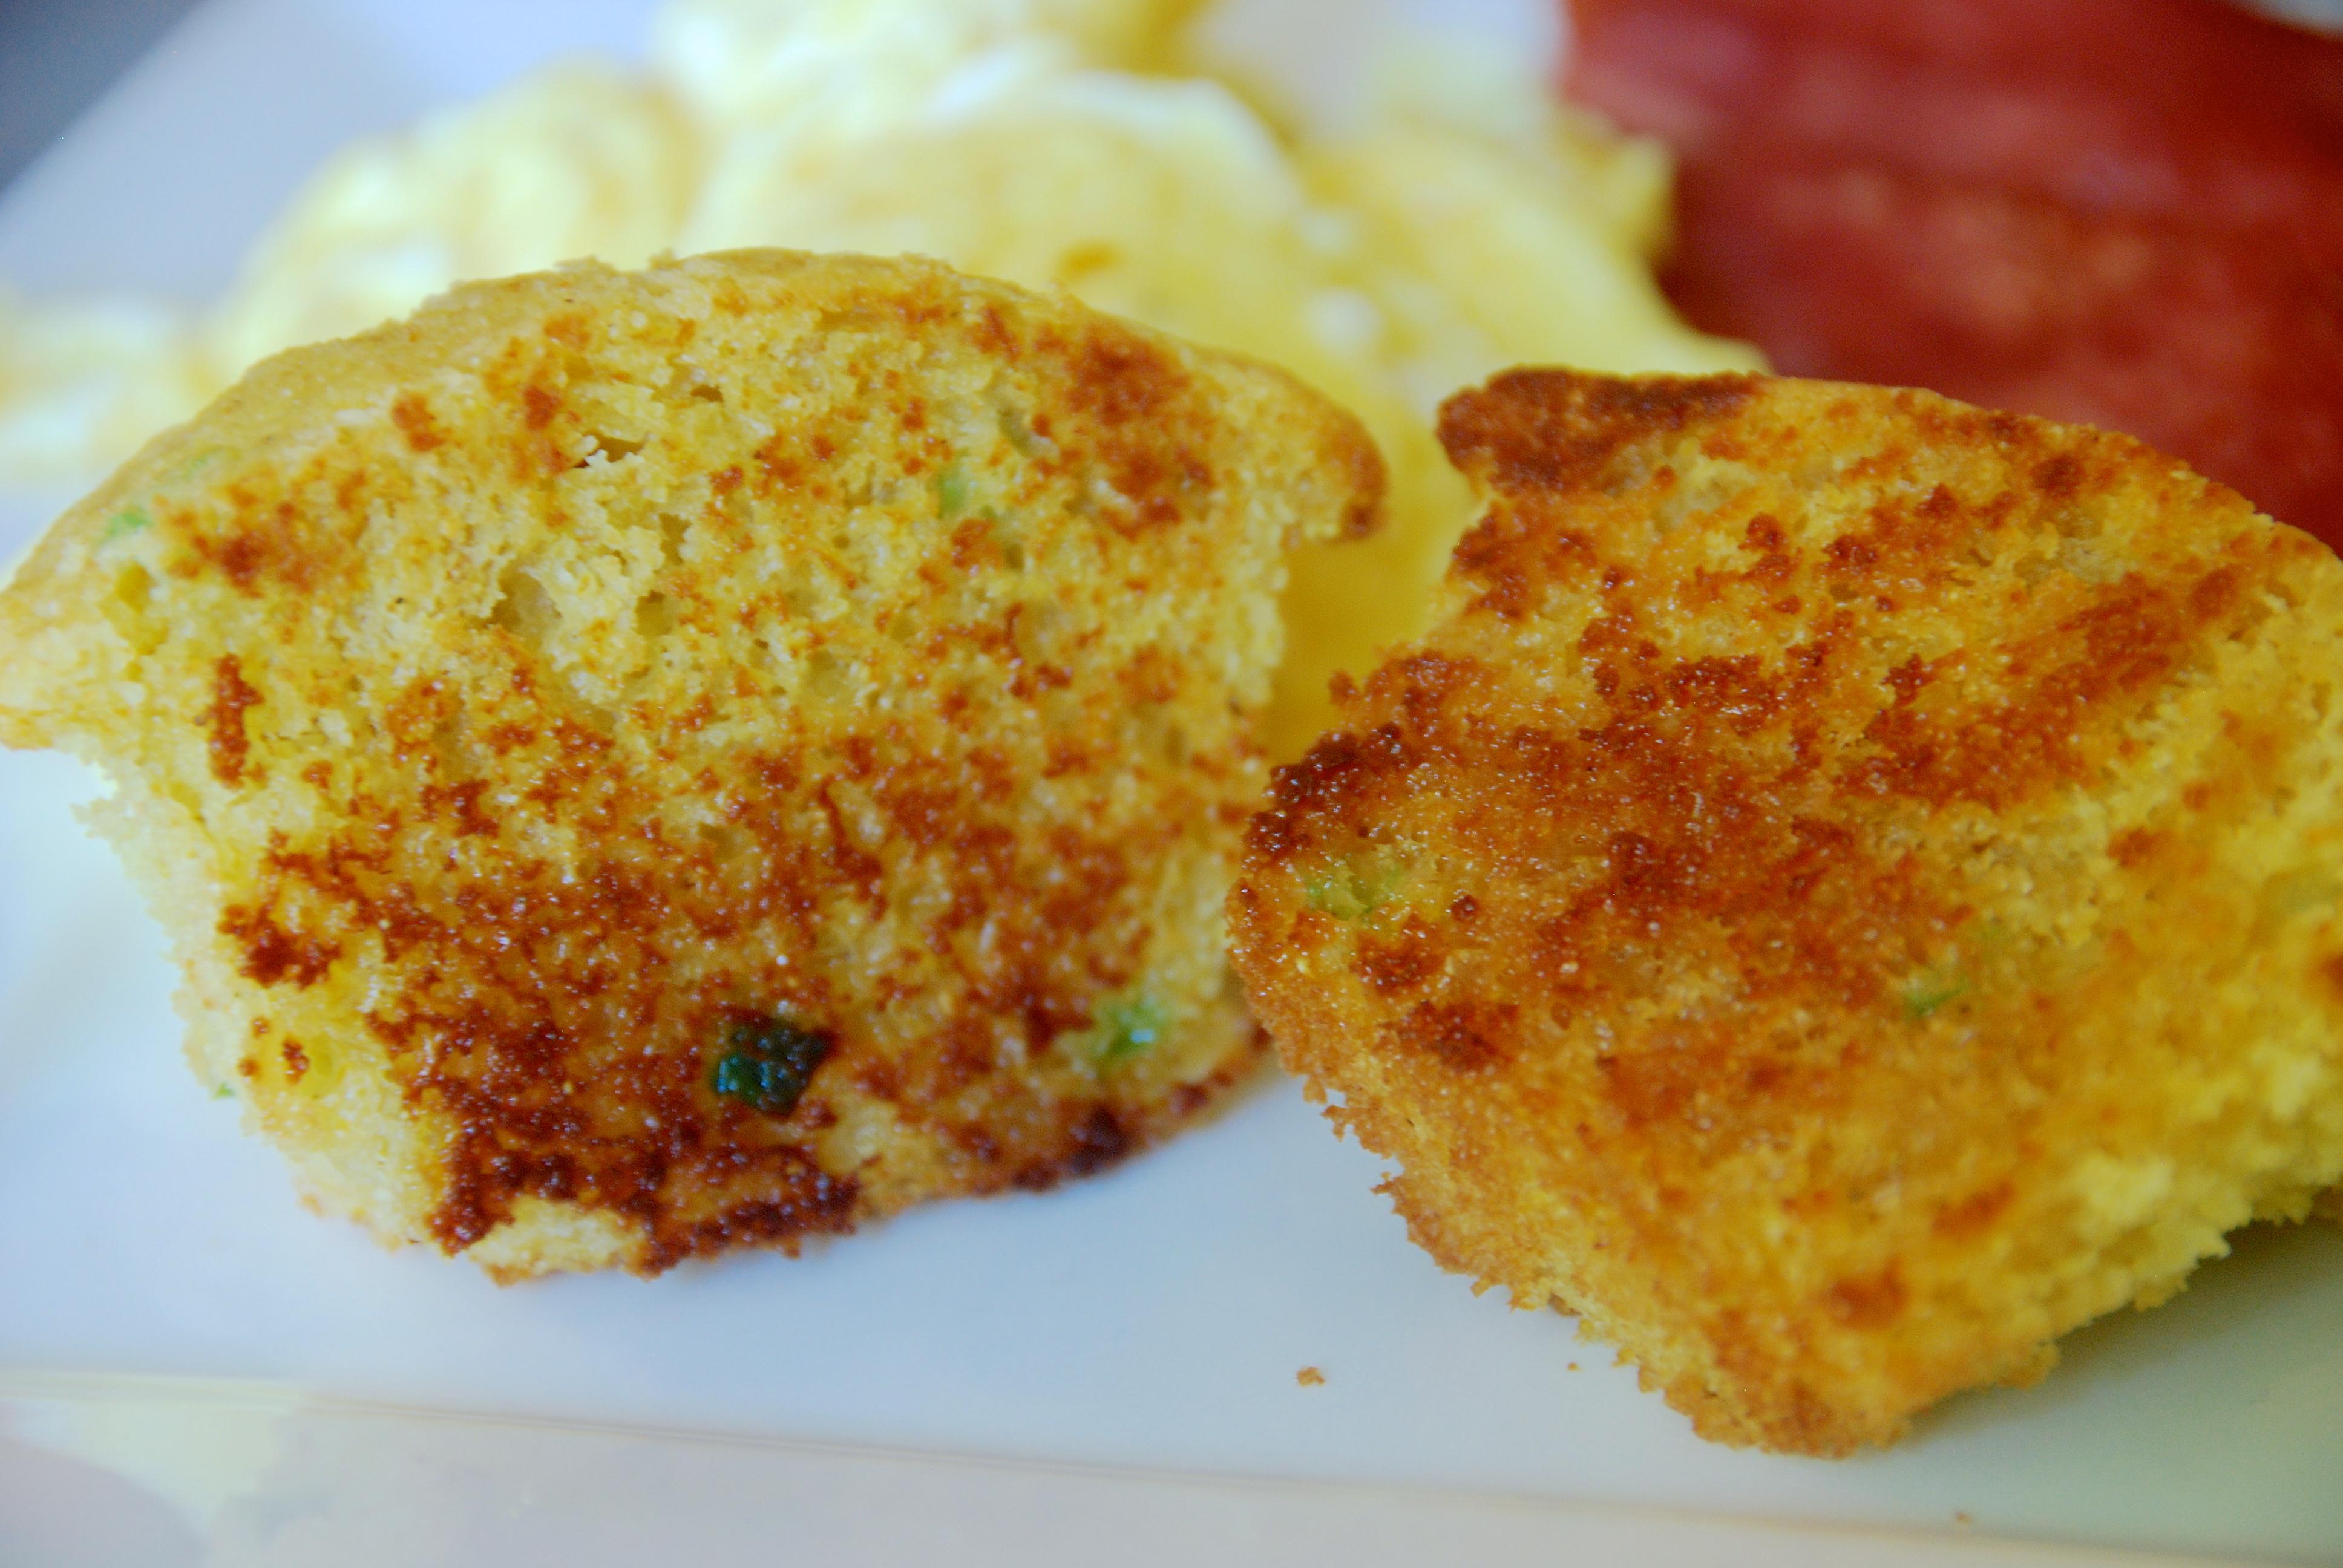 skillet-grilled-muffins2